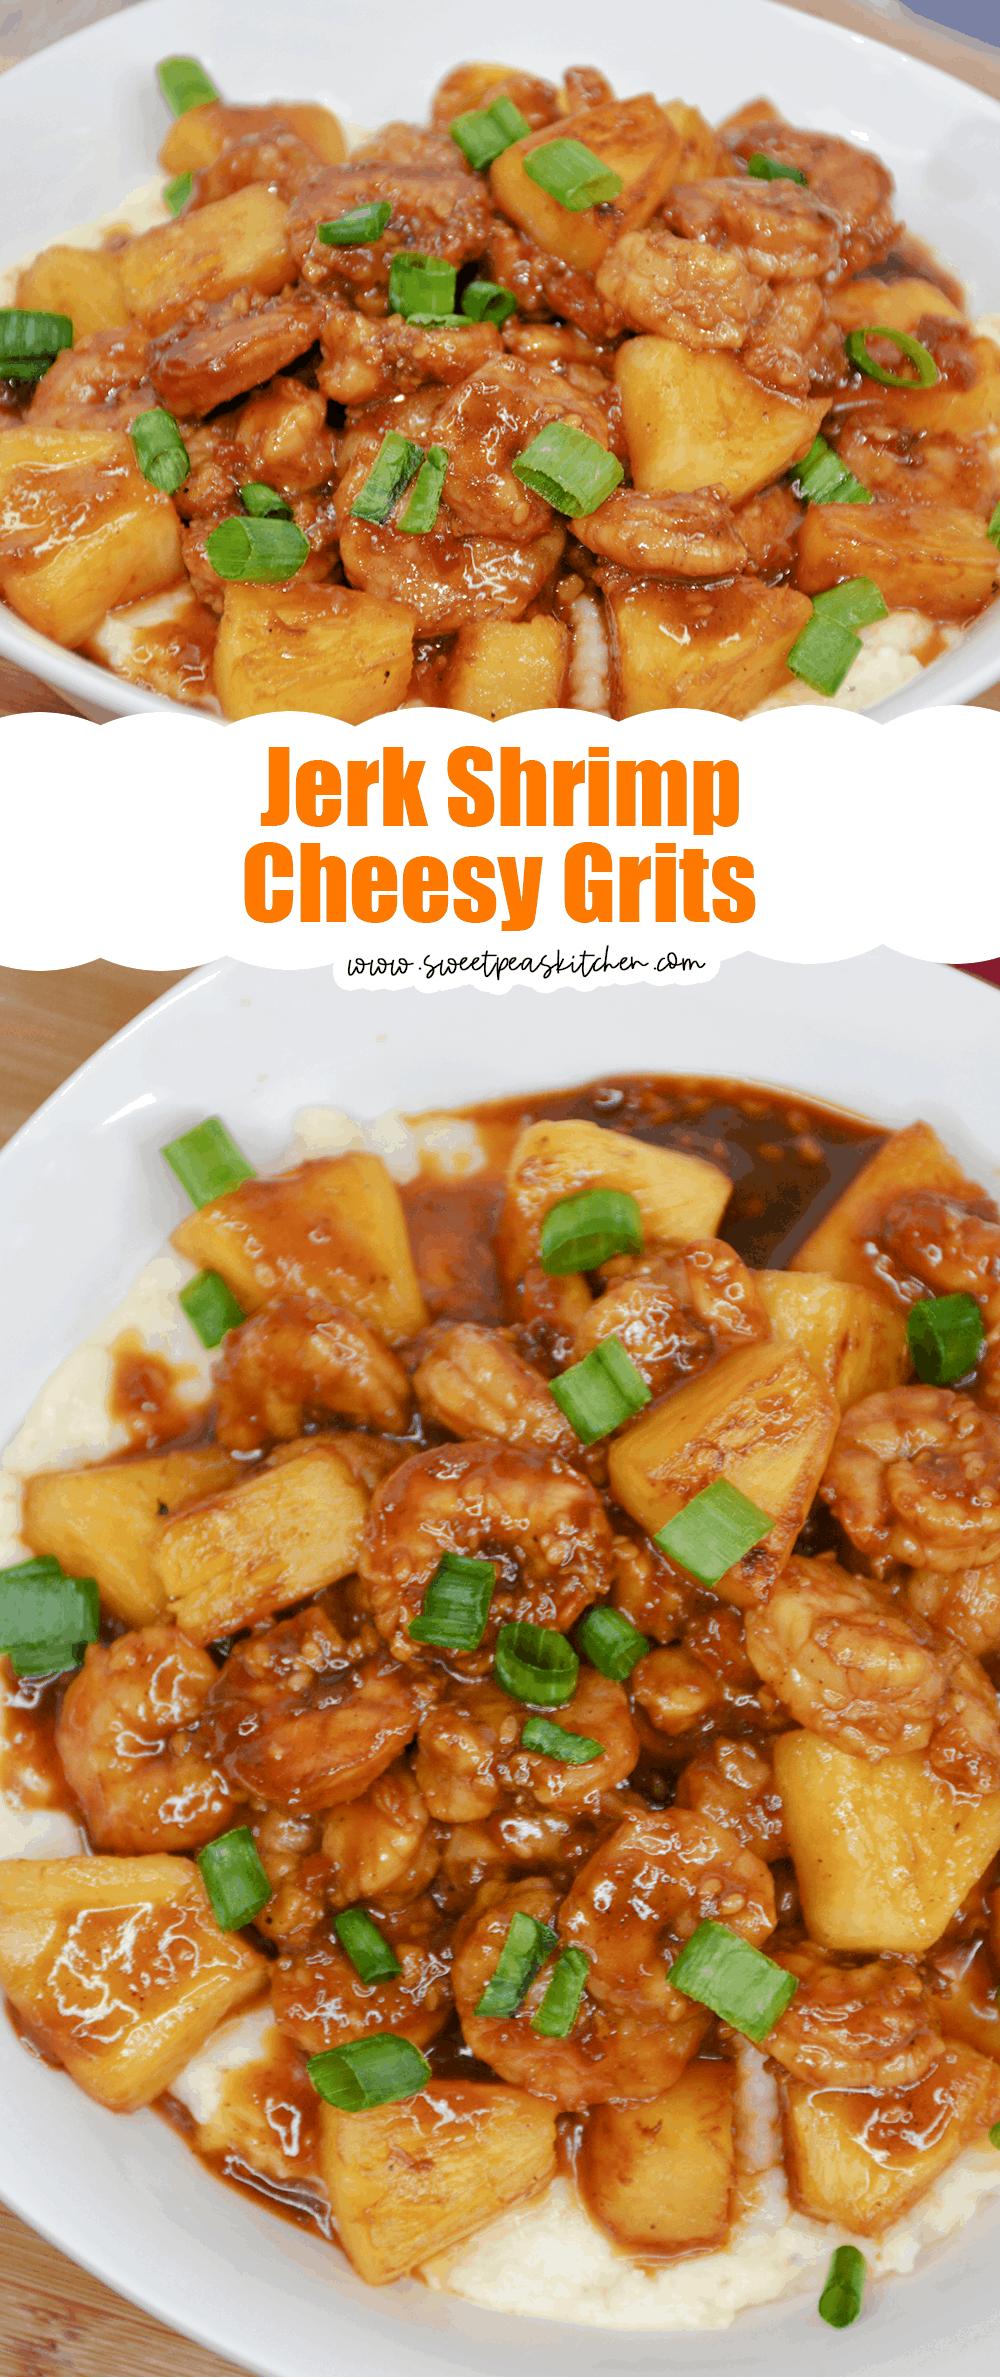 Jerk Shrimp and Cheesy Grits